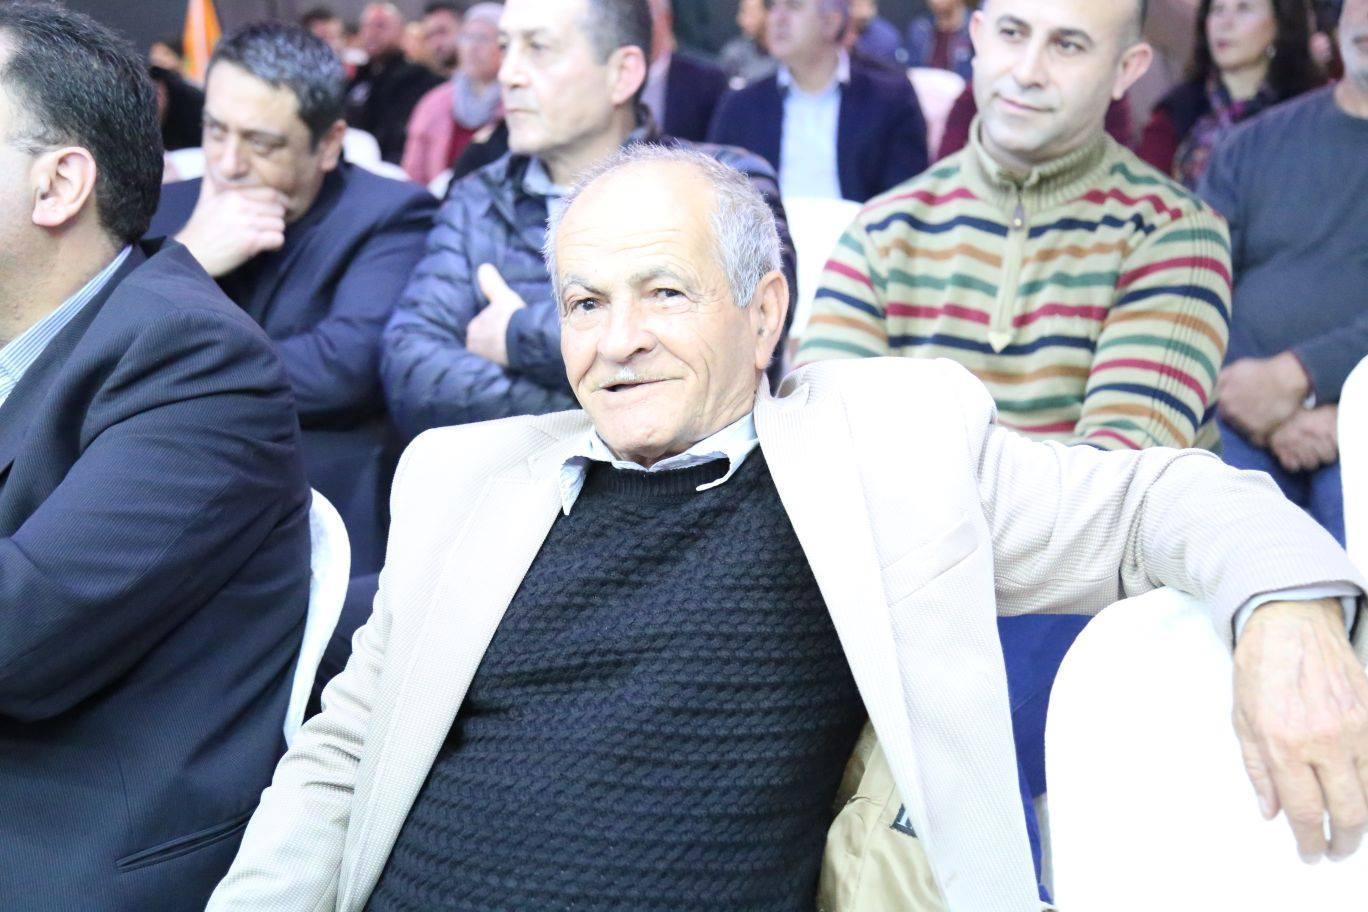 التجمع يُحيي الذكرى المئوية لميلاد القائد جمال عبد الناصر